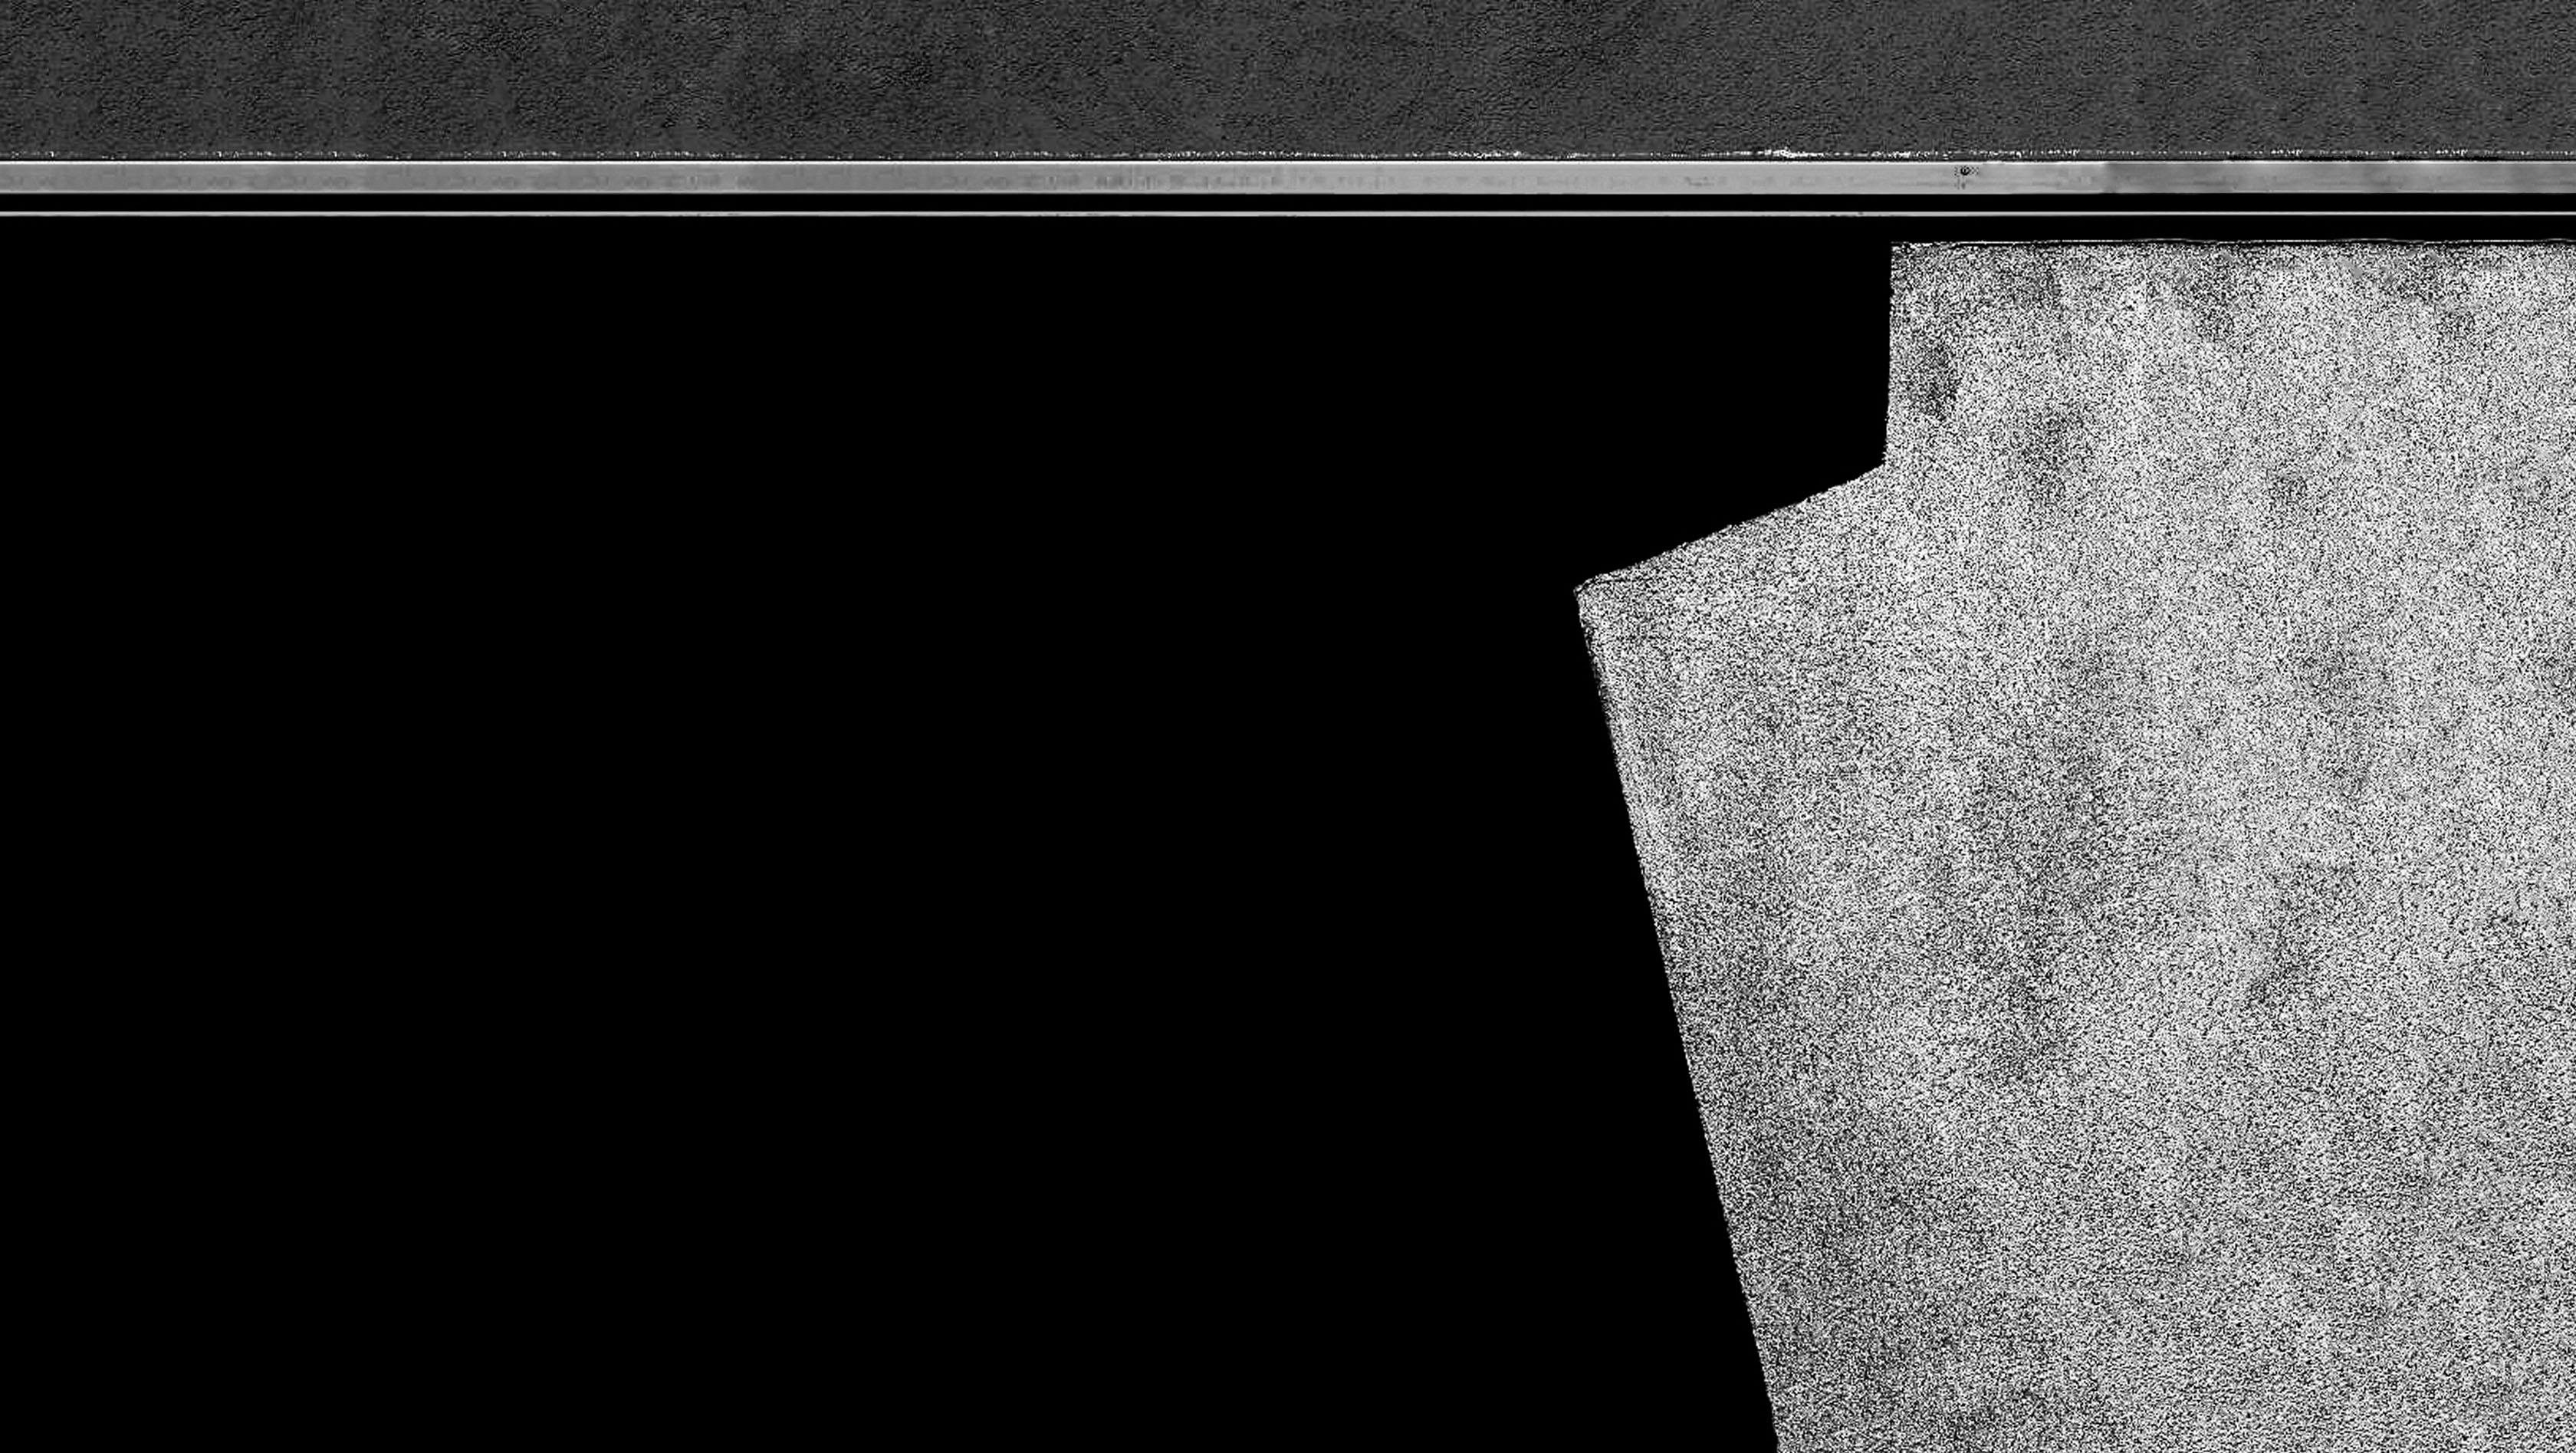 10 Colori 2 Taglie BYPING Stoccaggio Ottomano Poggiapiedi Cambia Comodino Grande capacit/à Archiviazione Stuoia Lino Spugna Traspirante Cornice Legno Massello Forte Carico